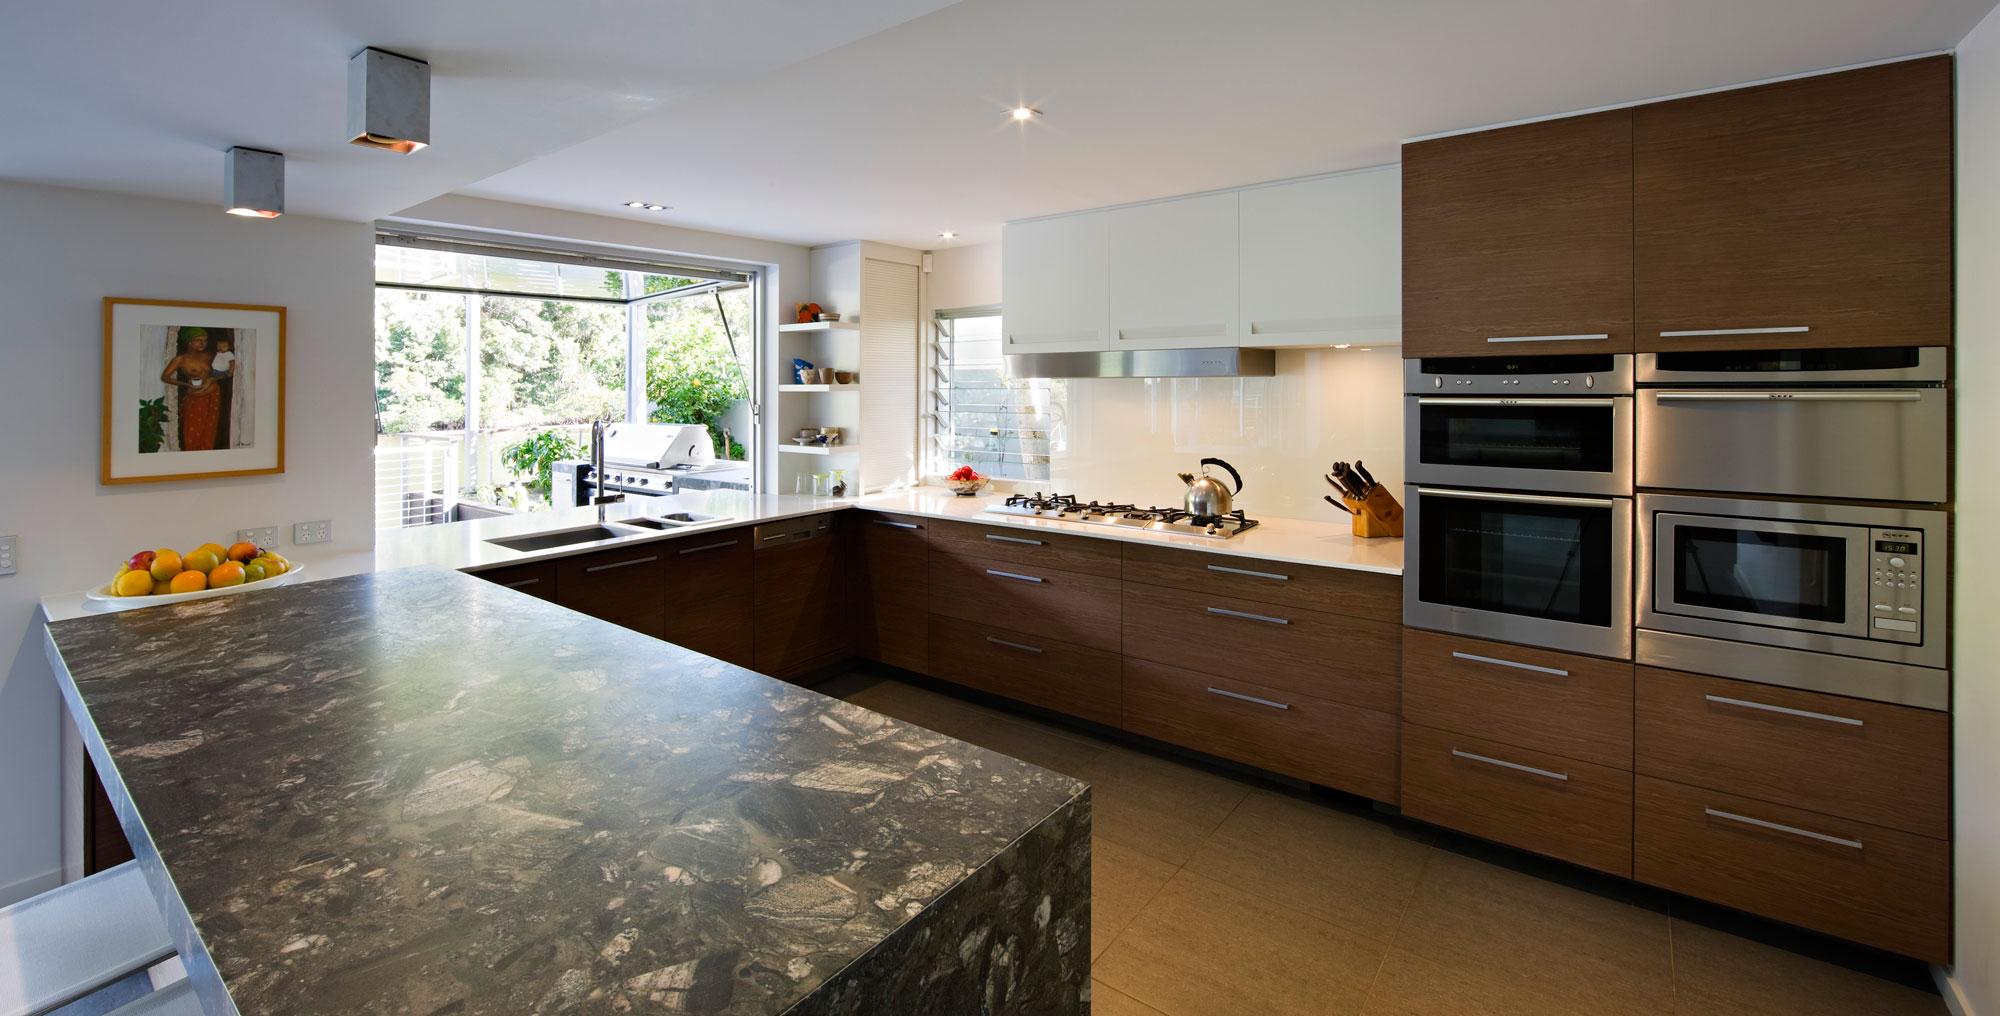 Мраморные столешницы для интерьера кухни - Фото 40